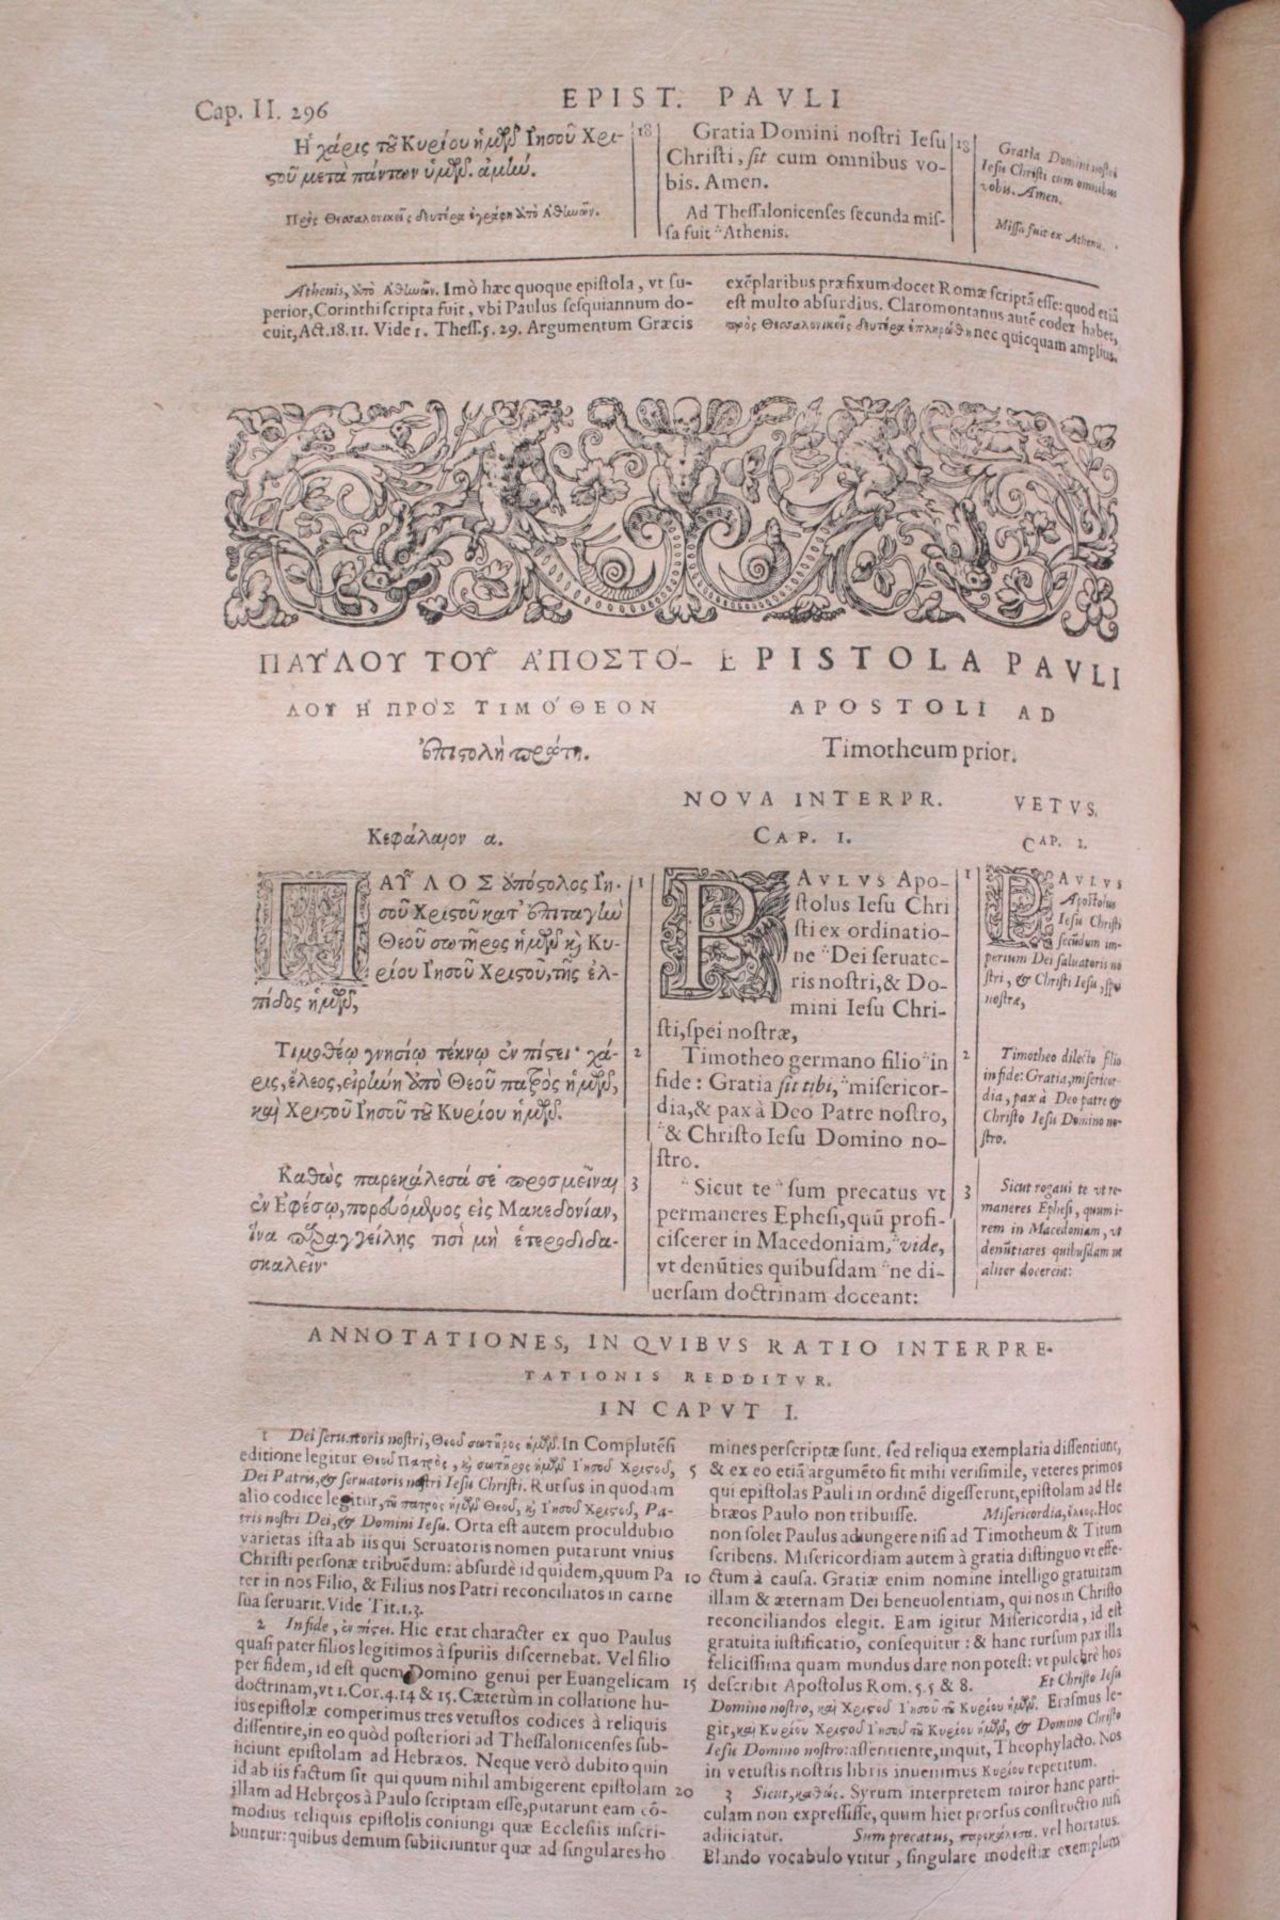 Griechische-Lateinische Bibel, Novum Testamentum 1582 - Bild 14 aus 23